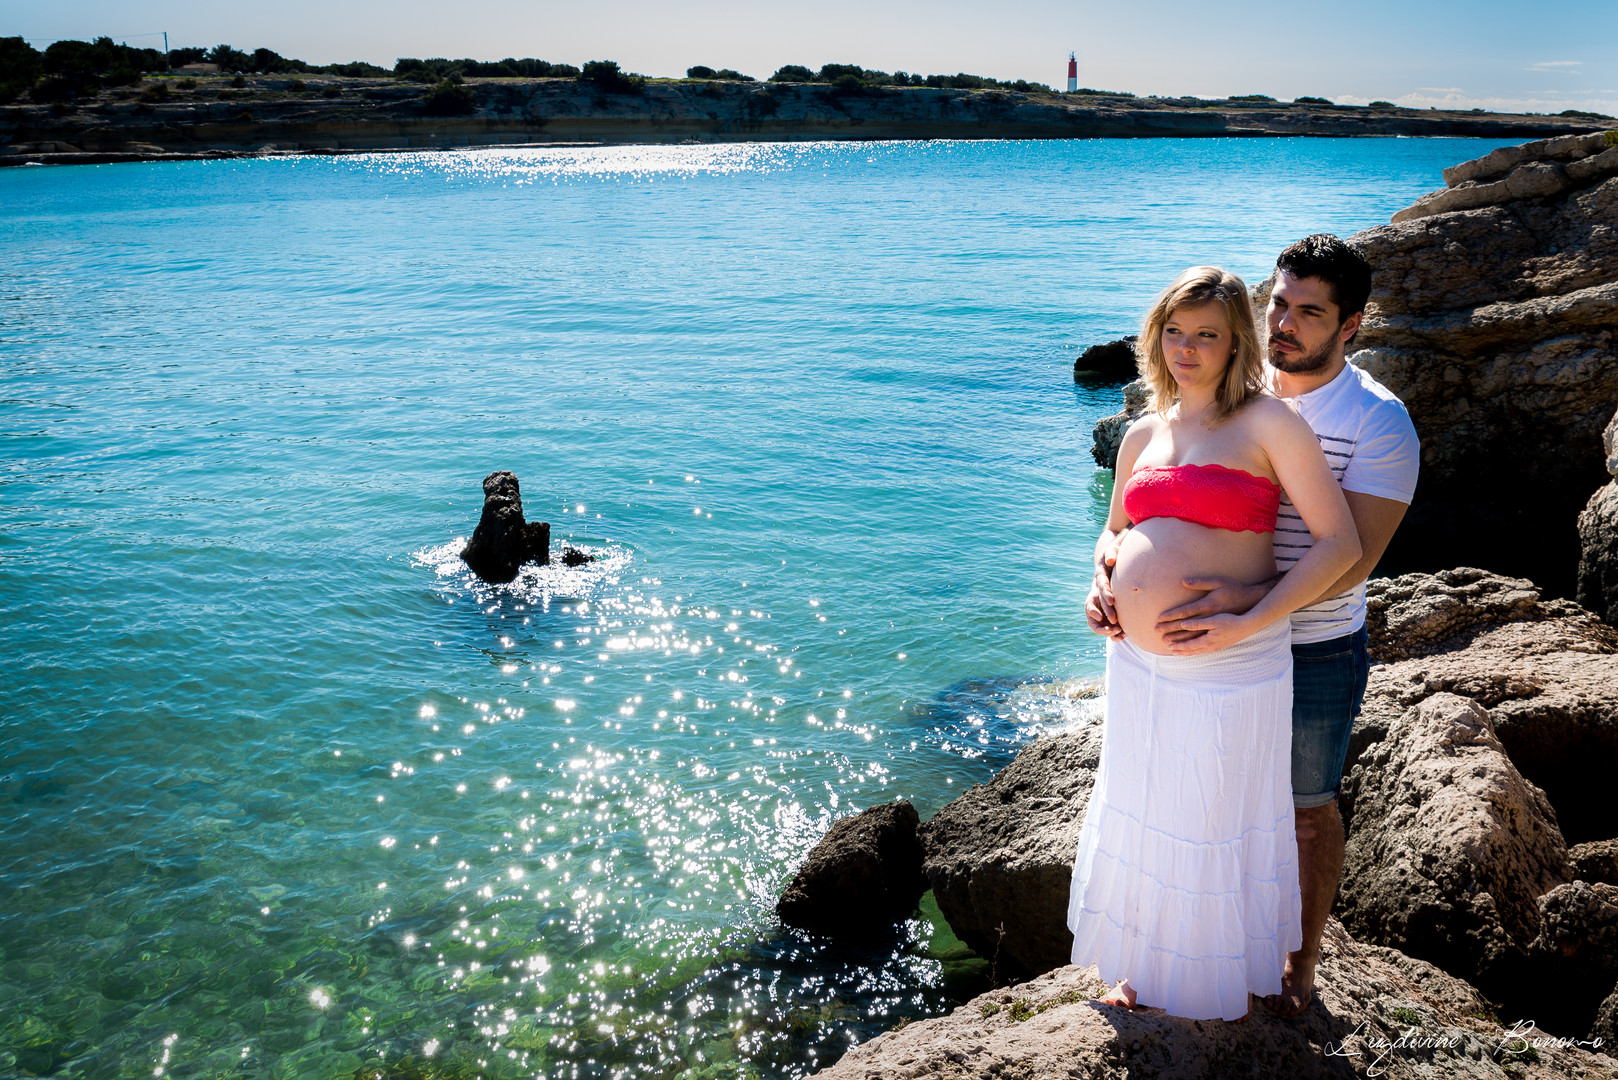 photographe extérieur nature maternité gardanne bord de l'eau plage